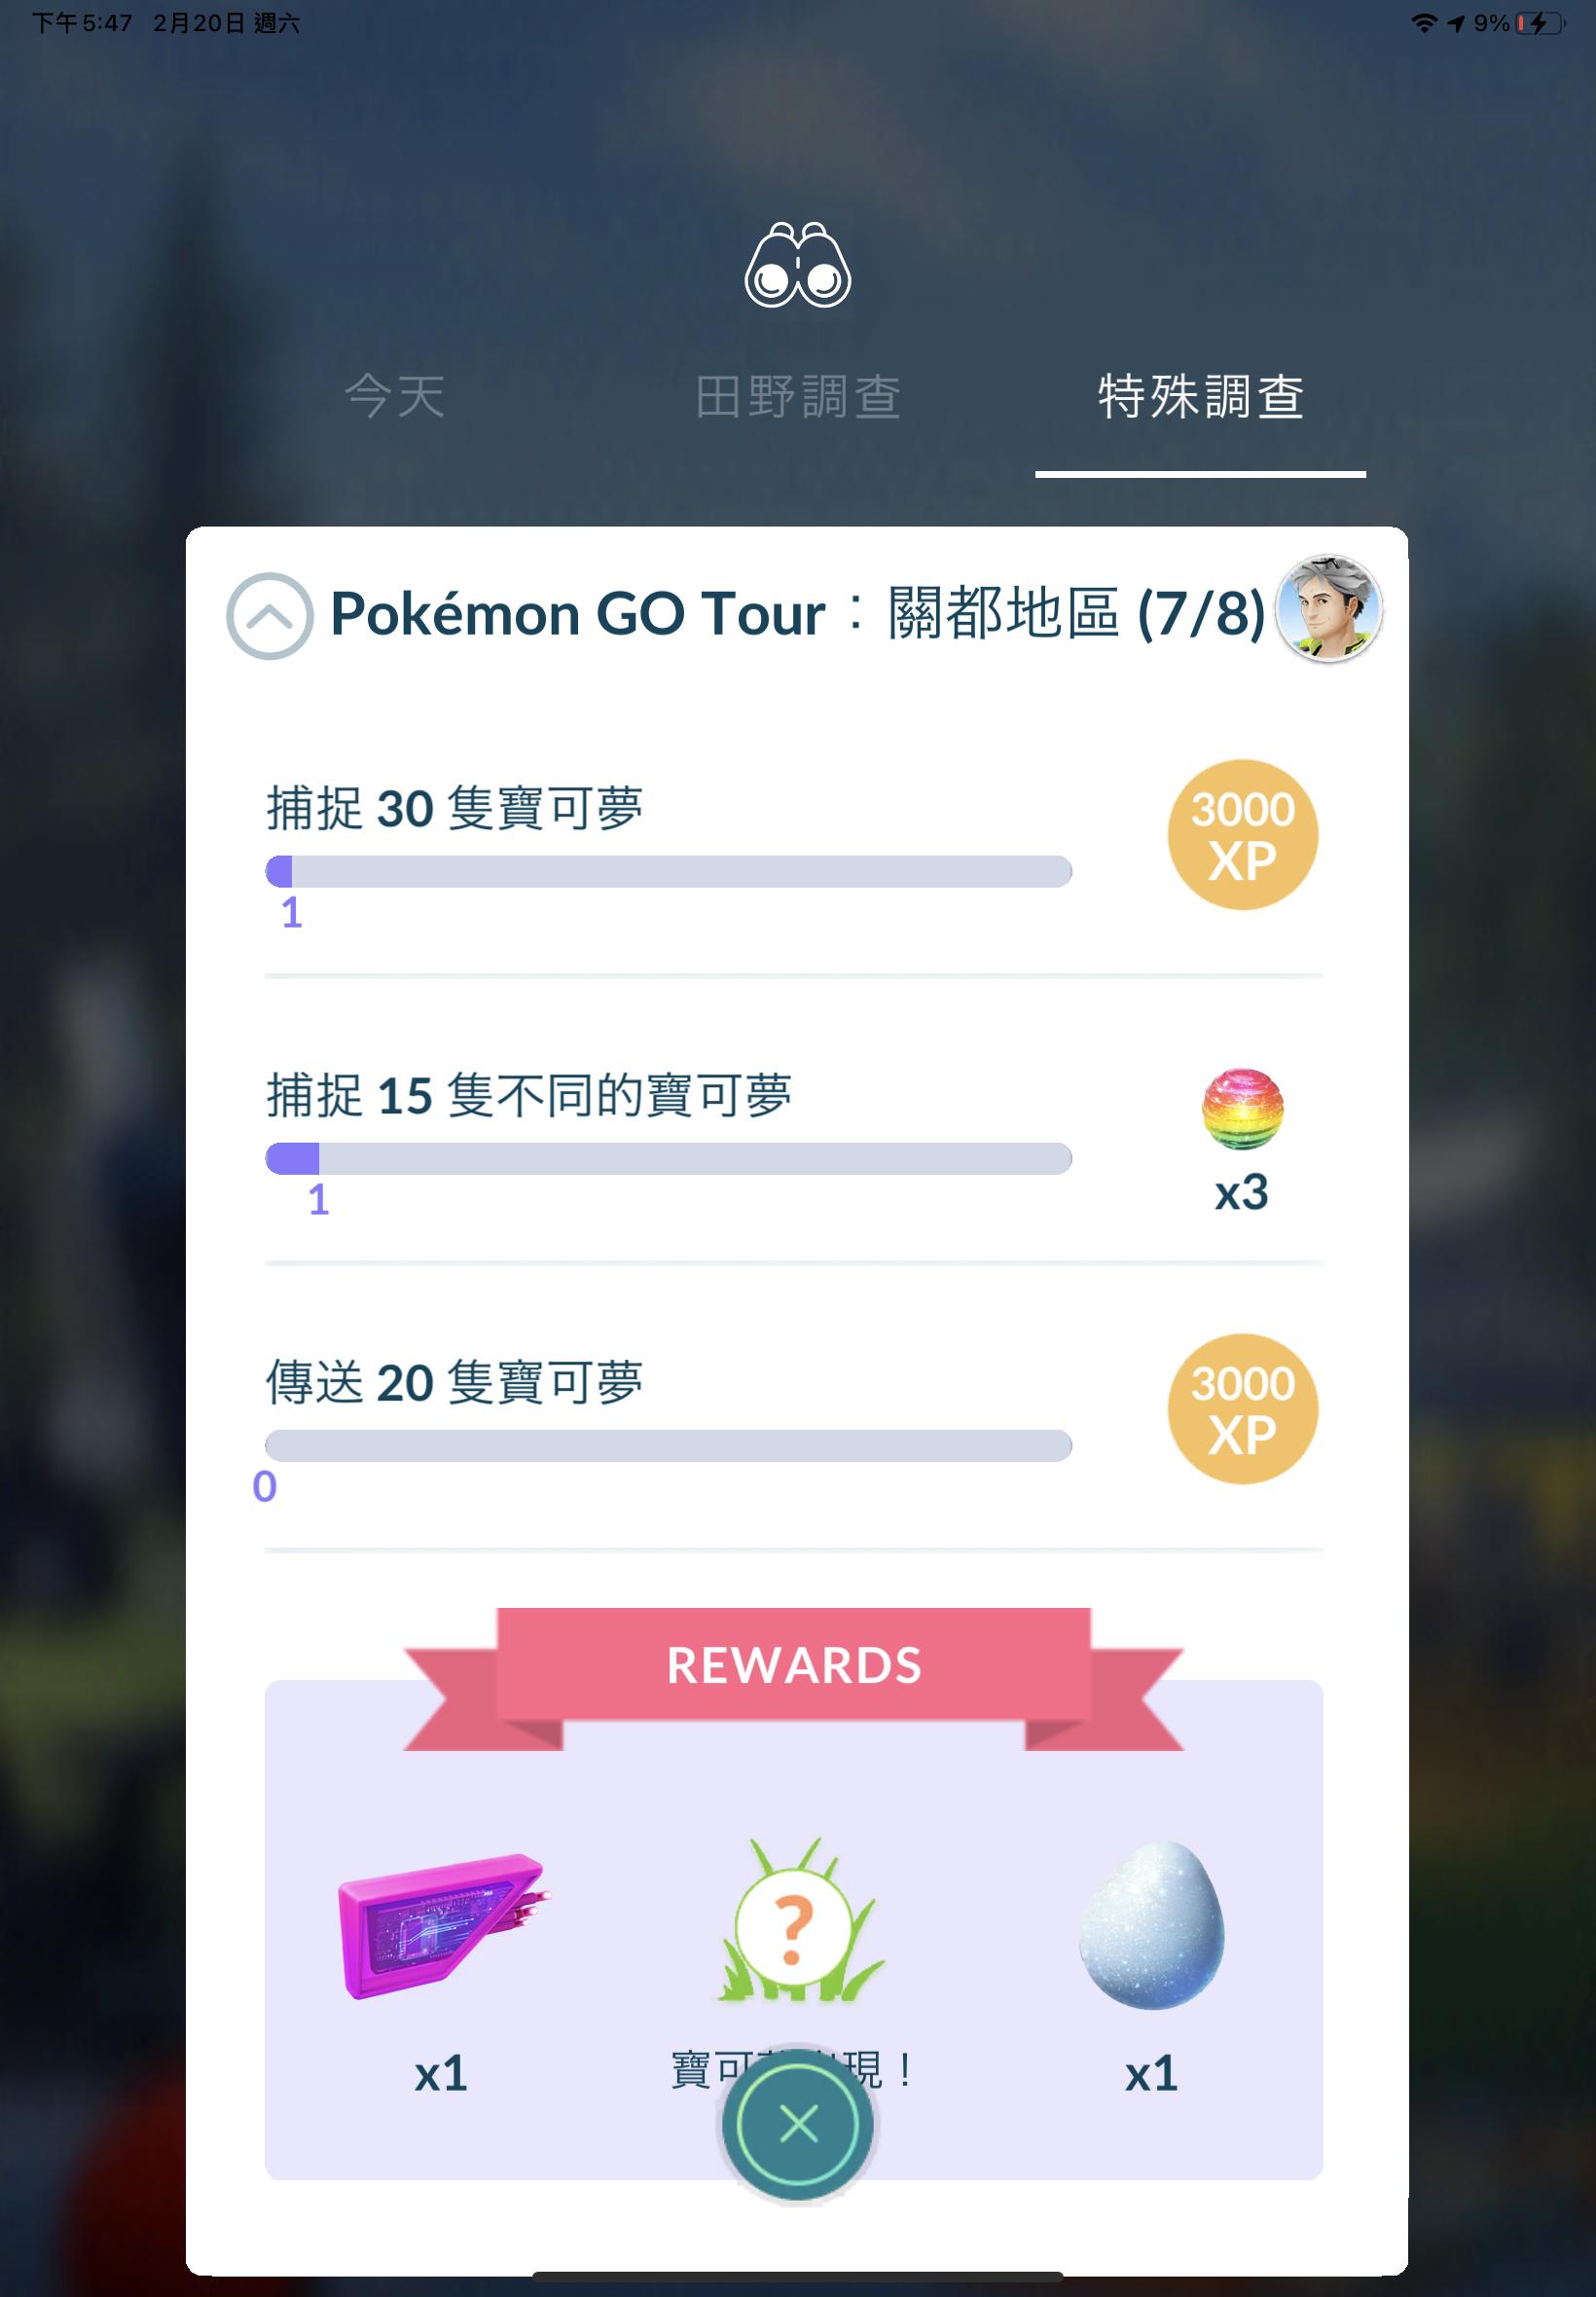 【手機APP遊戲】Pokémon Go Tour:關都地區慶典活動 @貝大小姐與瑞餚姐の囂脂私蜜話